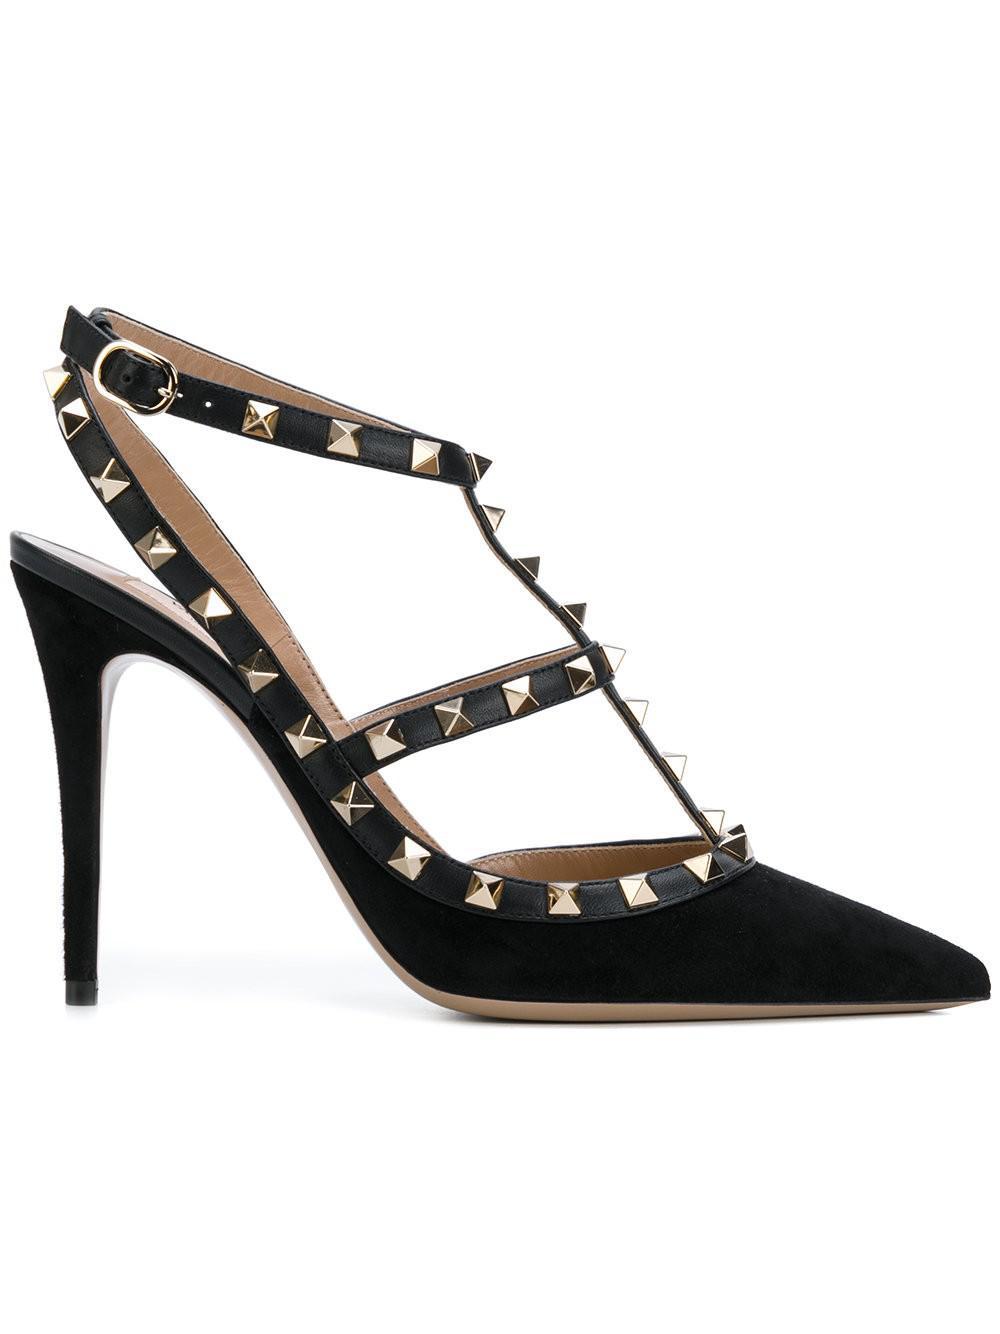 Lyst - Valentino Black Suede 110 Rockstud Heels In Black-2815